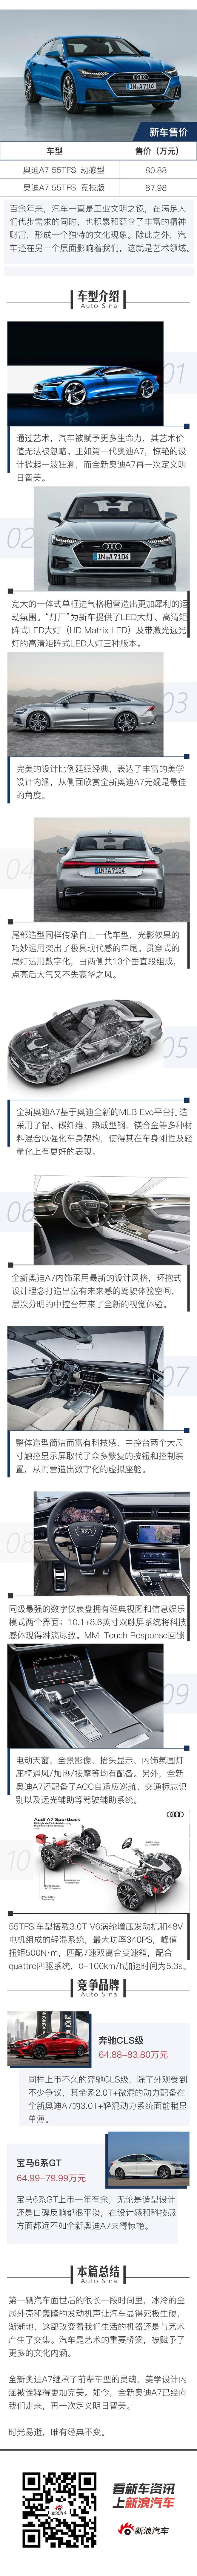 全新奥迪A7 明日智美 汽车与艺术品的融合